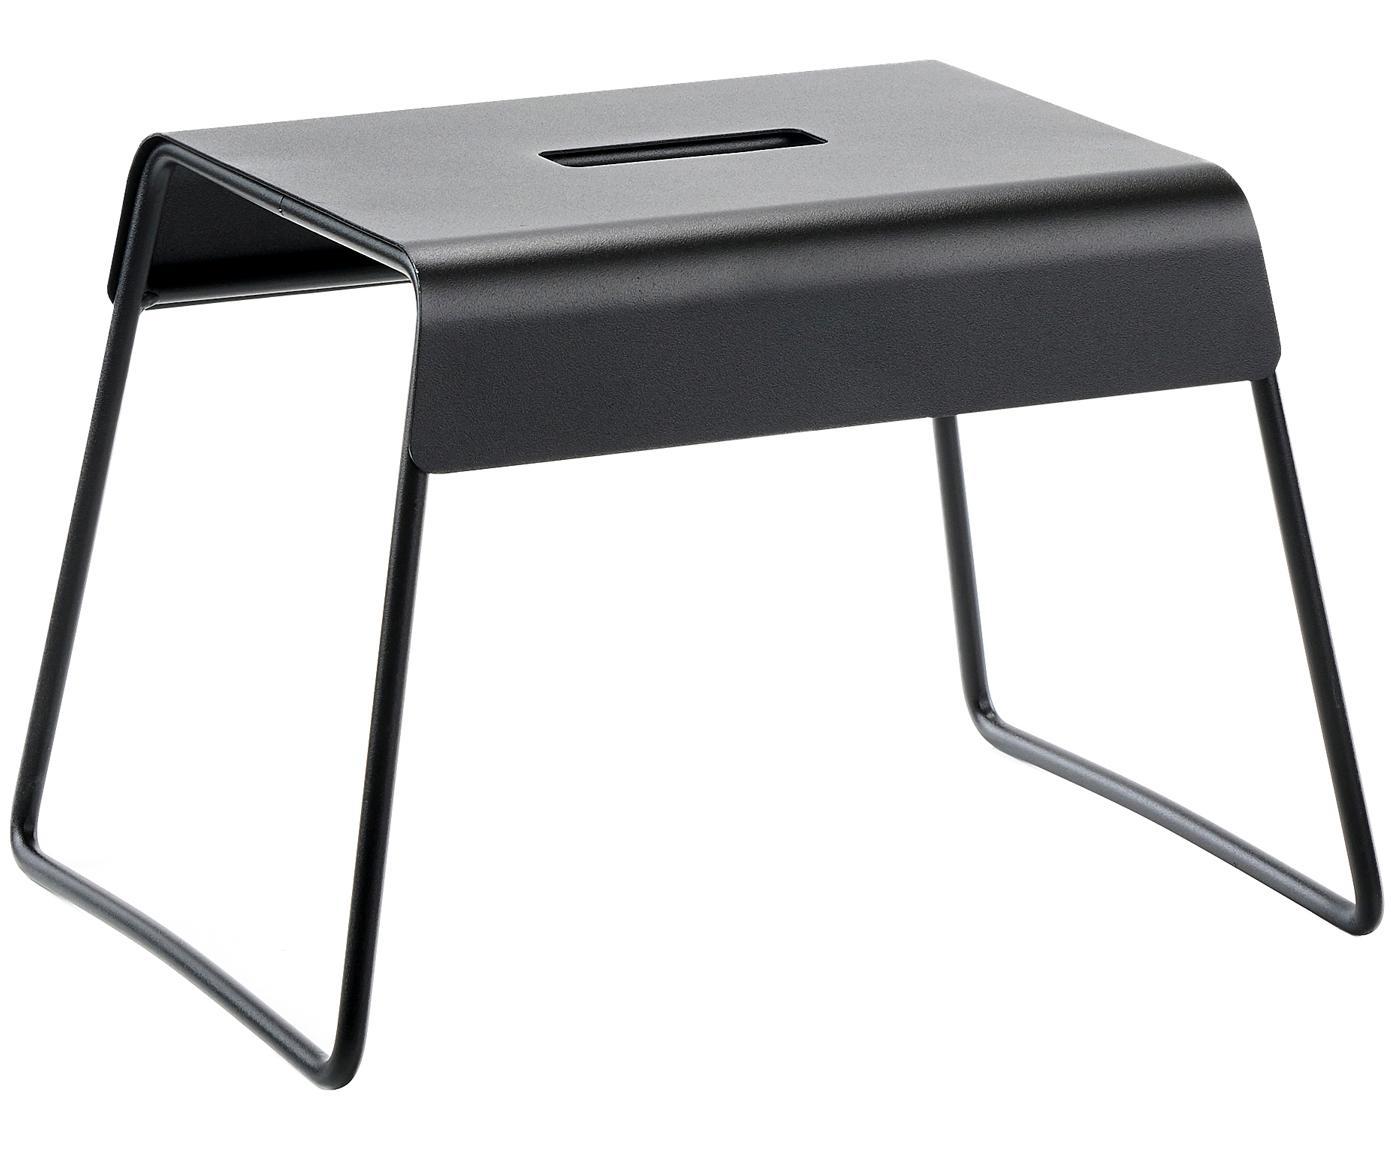 Metalen kruk Aguina, Gelakt staal, Zwart, 39 x 28 cm